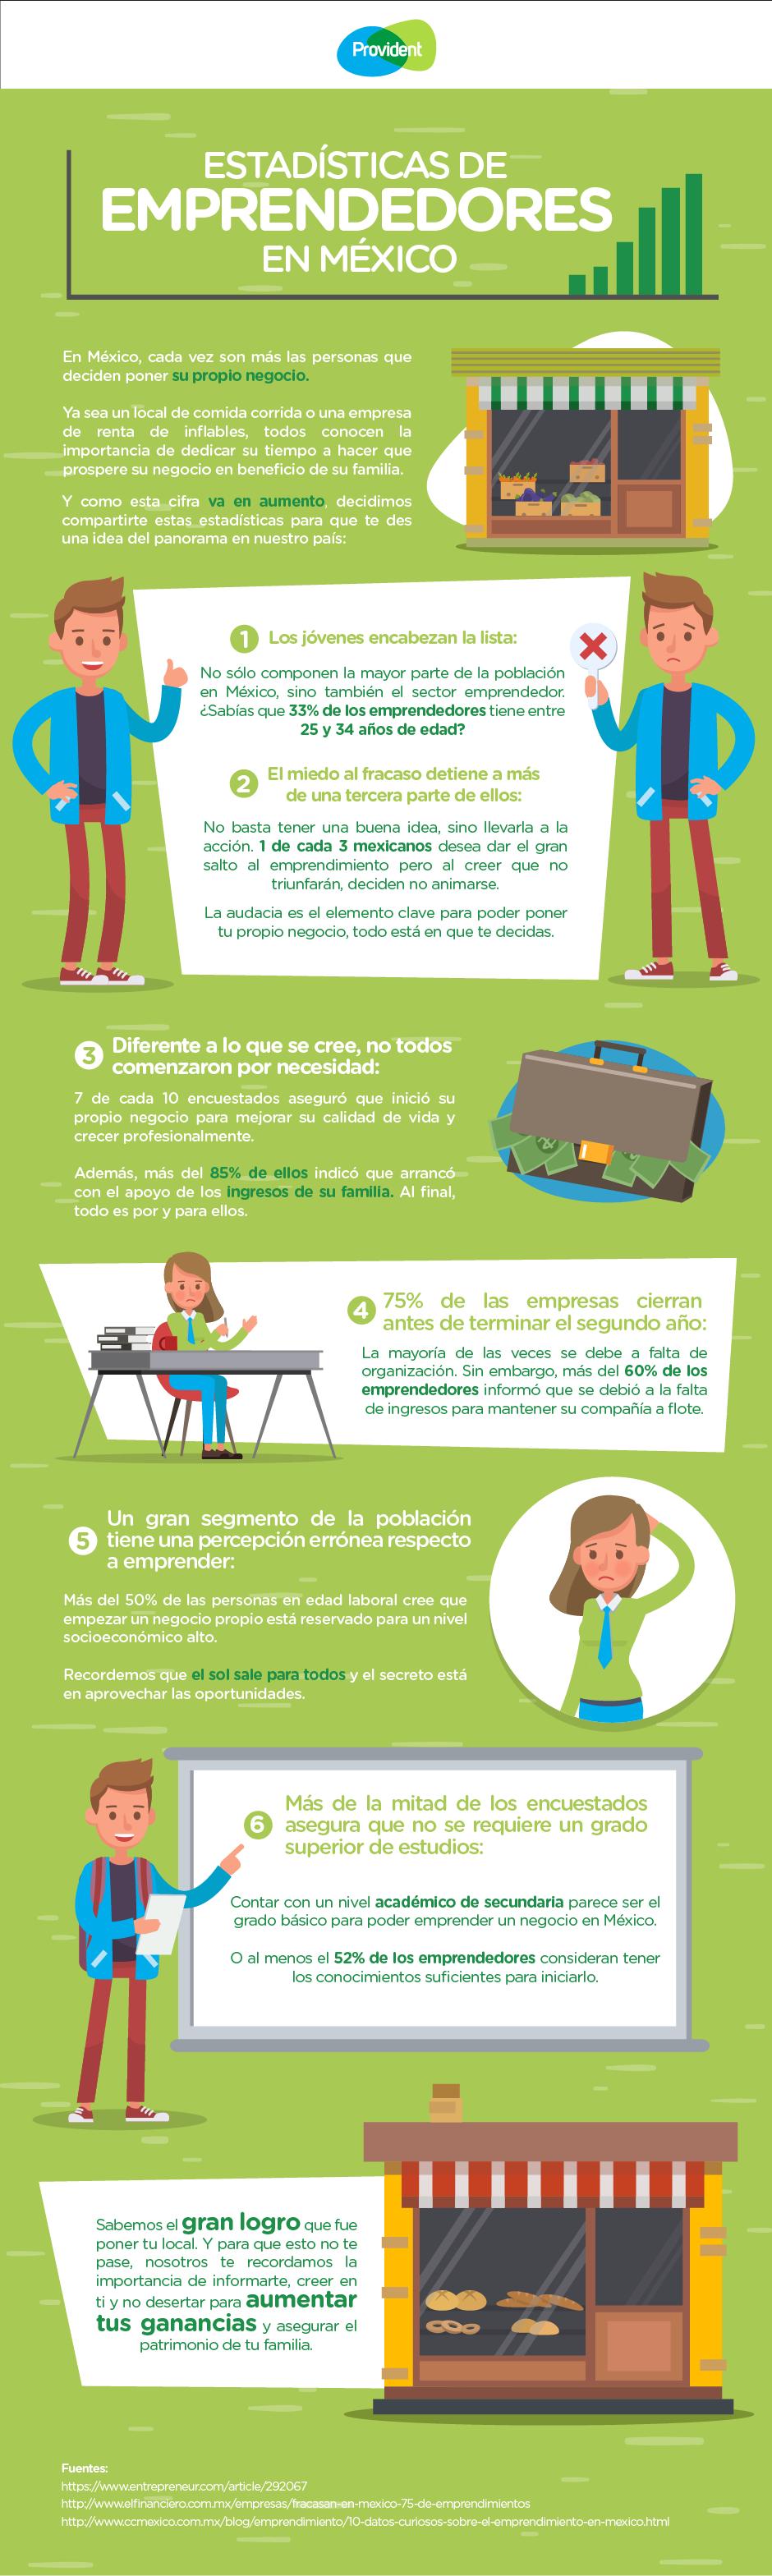 Estadisticas de emprendedores en Mexico